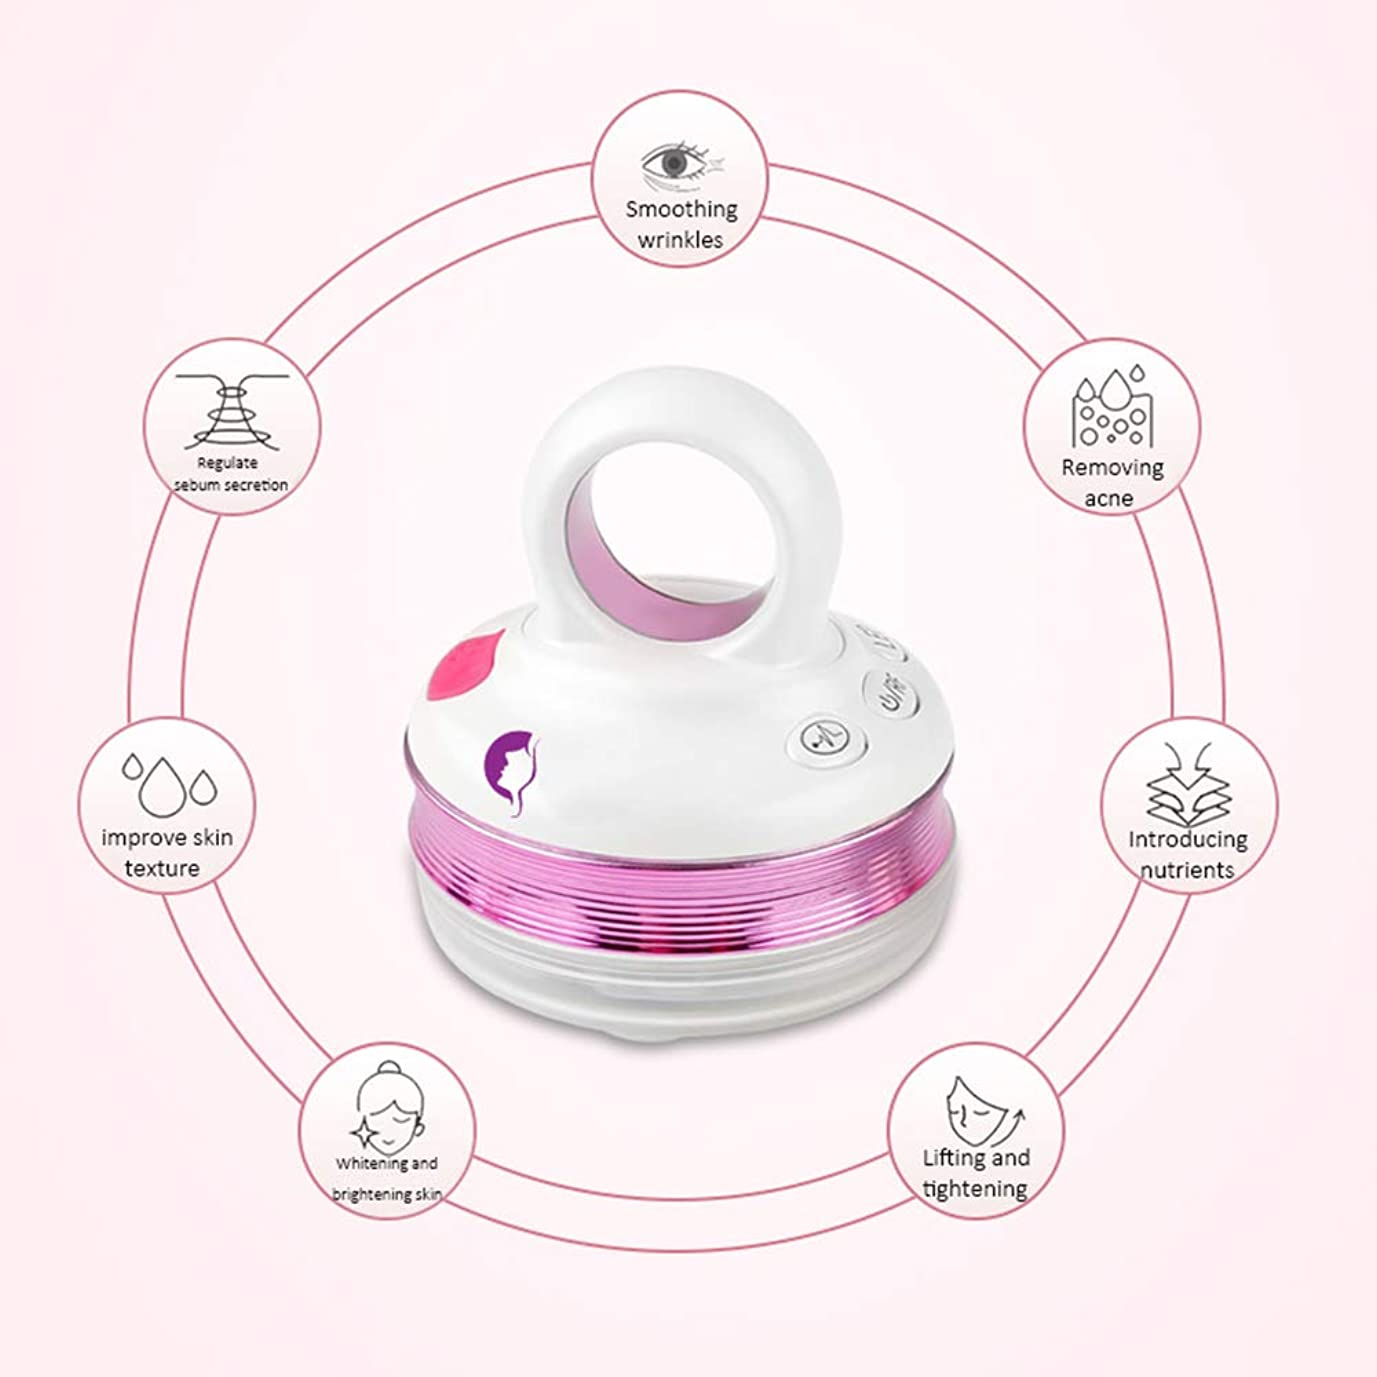 ヘルパーミルクラックRFラジオ周波数フェイシャルマシン、EMSマッサージャー、ハンドヘルドフェイシャルイオン導入美容機器、家庭用美容機器振動機器,Purple